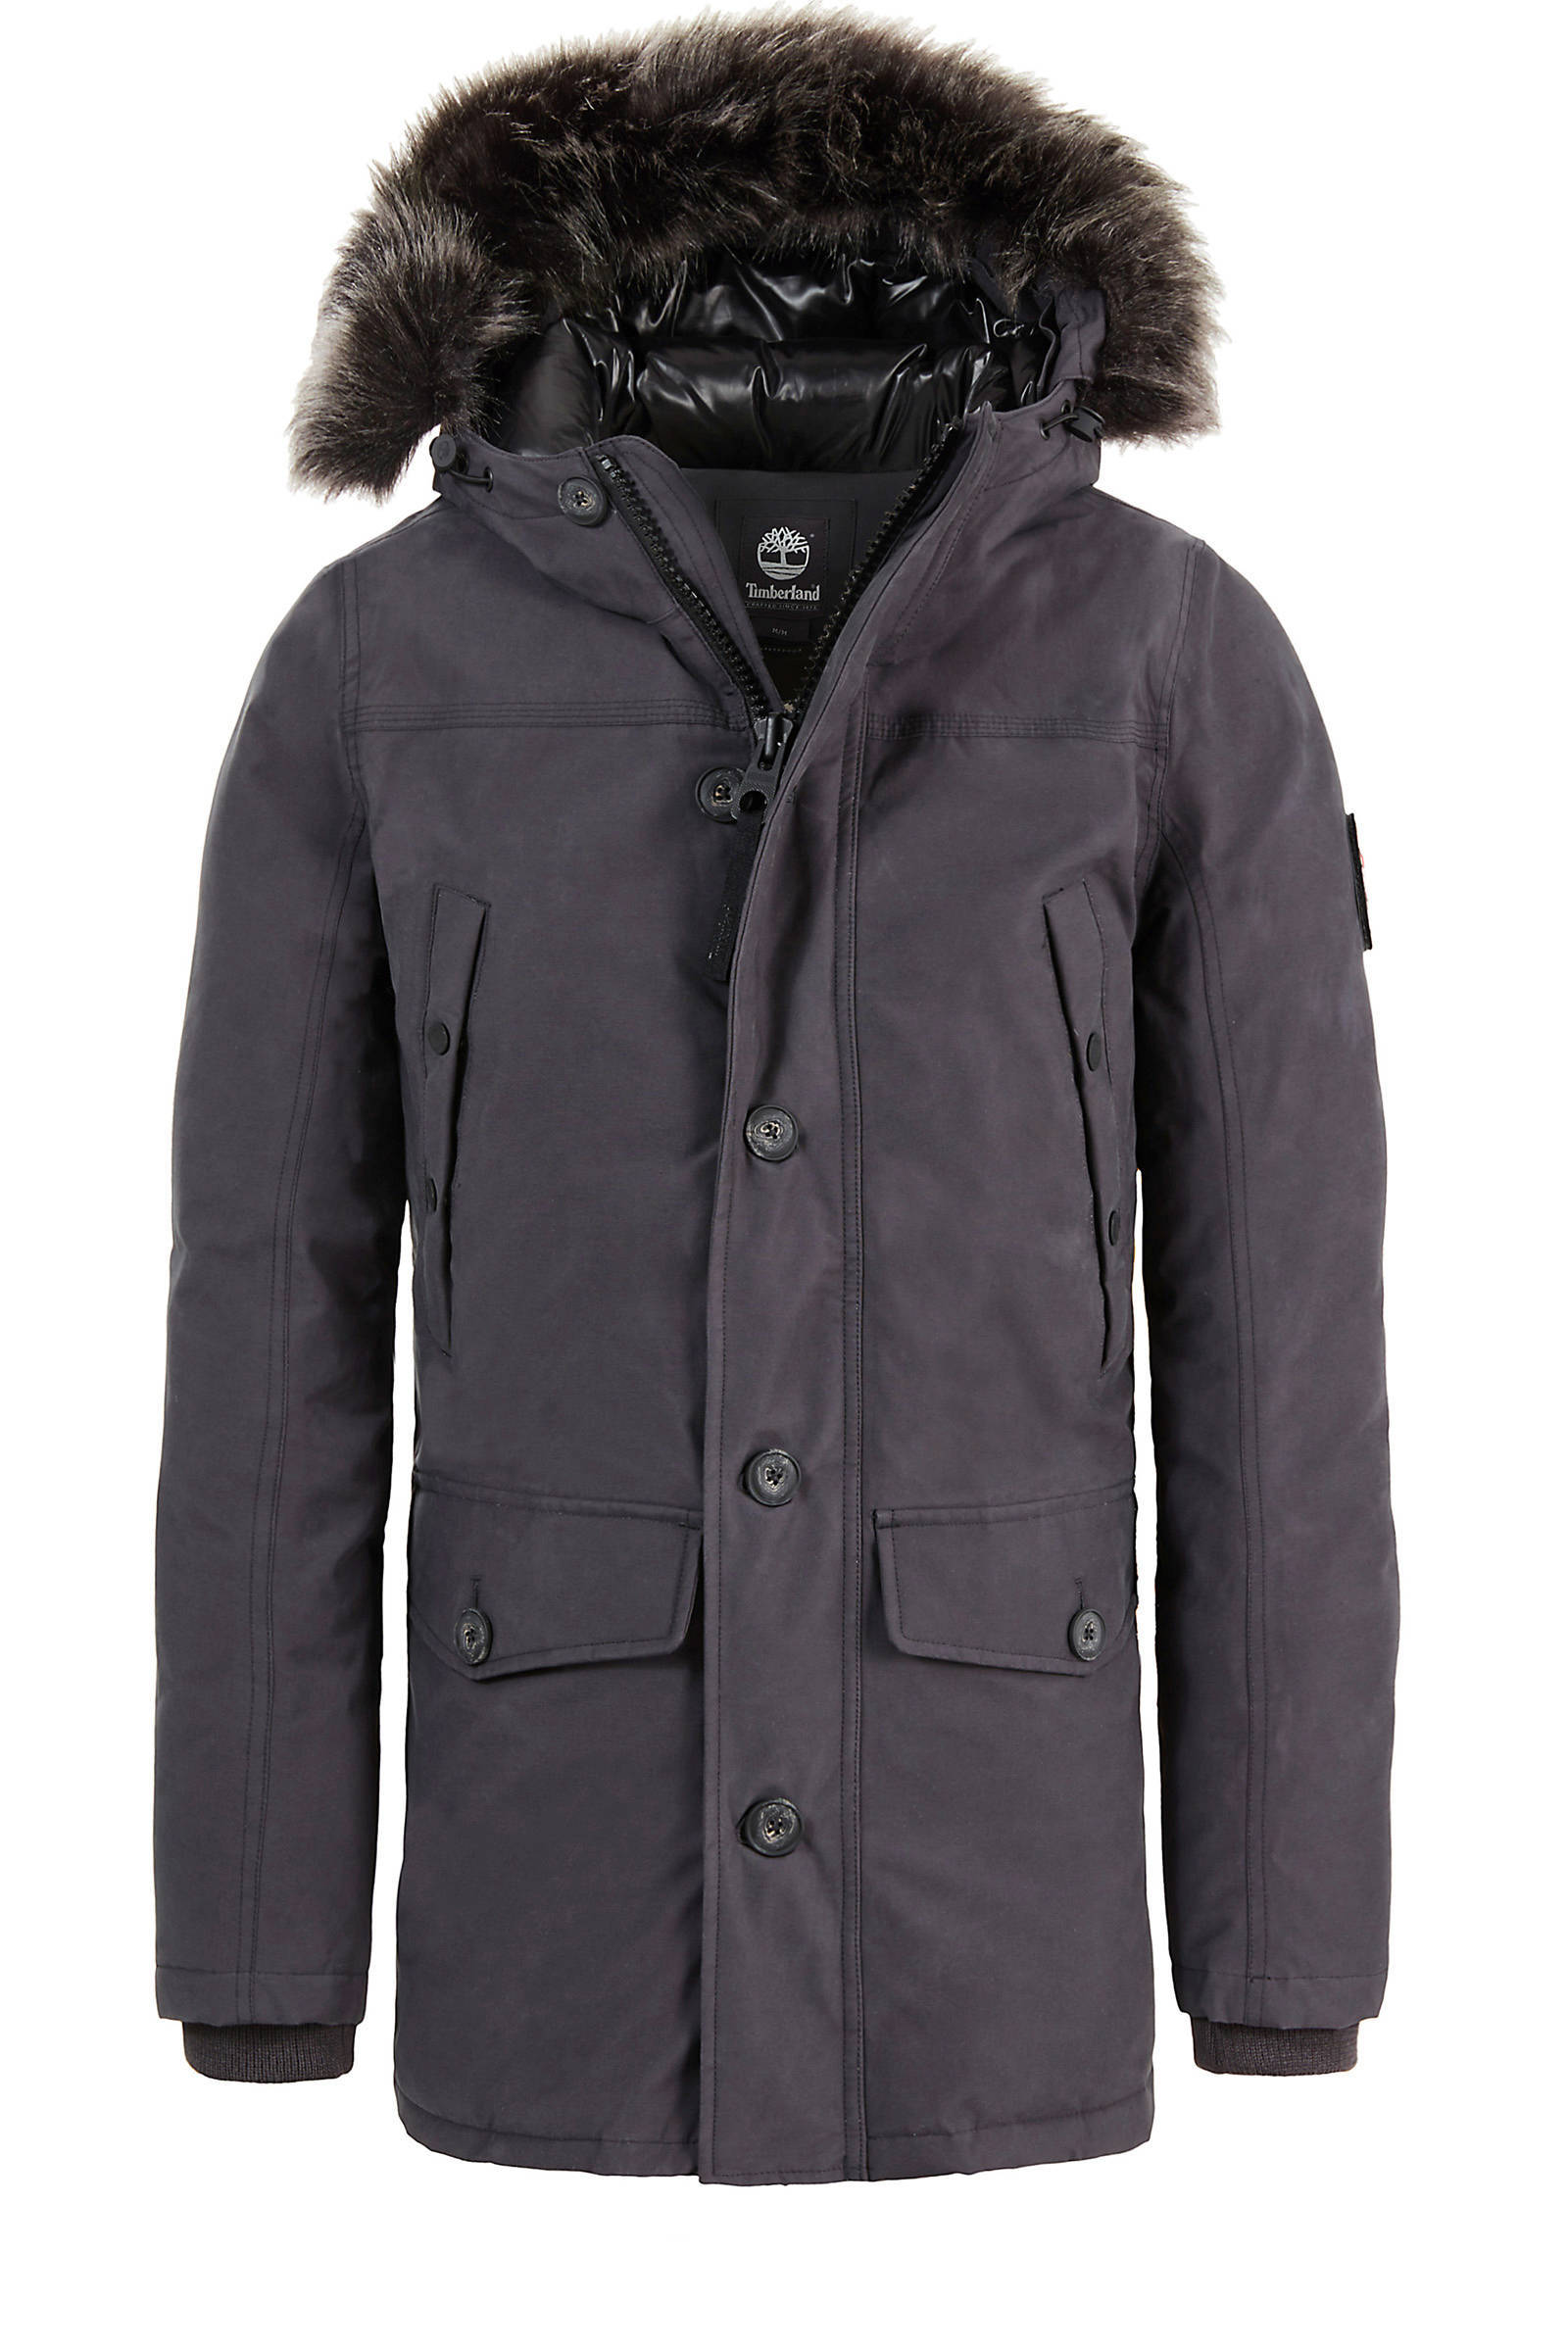 Uitgelezene Timberland winterjas met dons grijs | wehkamp NL-61